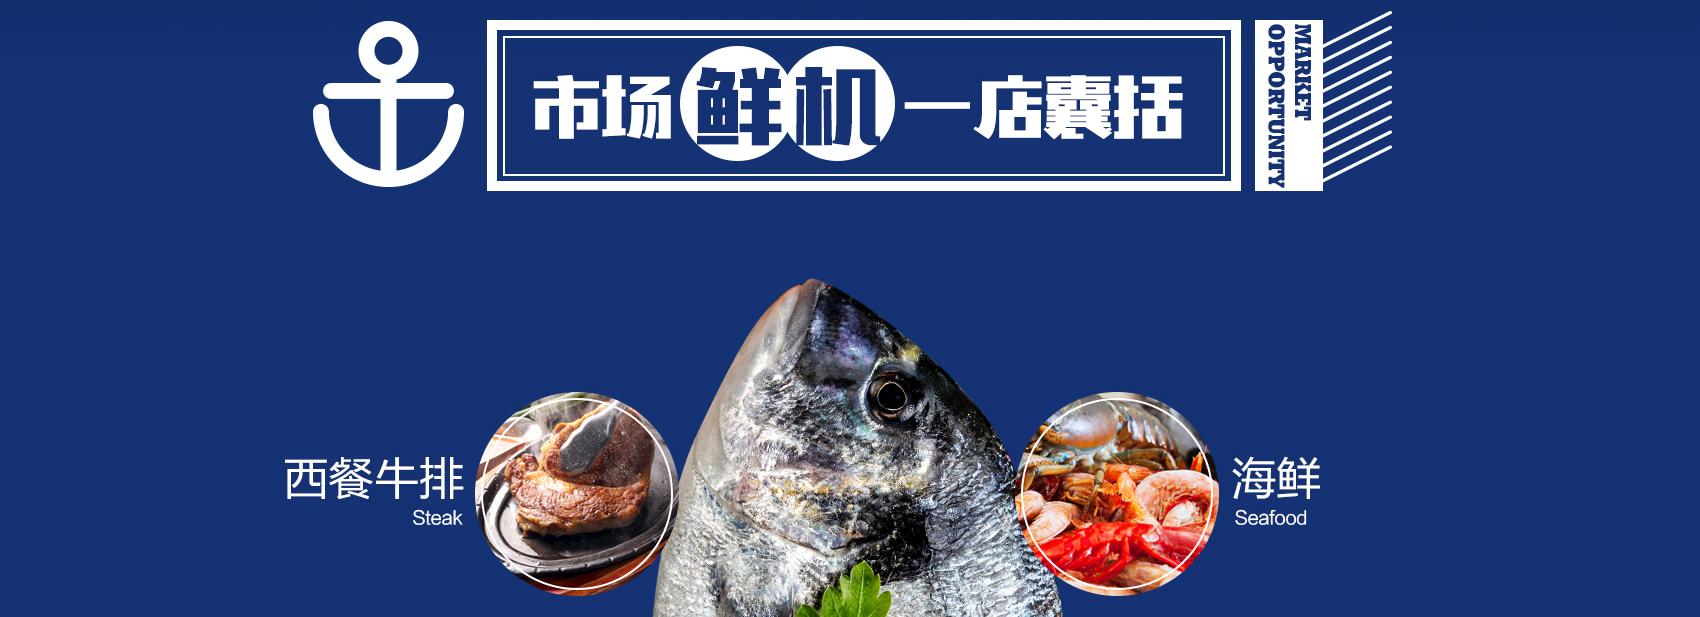 海鲜时间自助餐hxsj_03